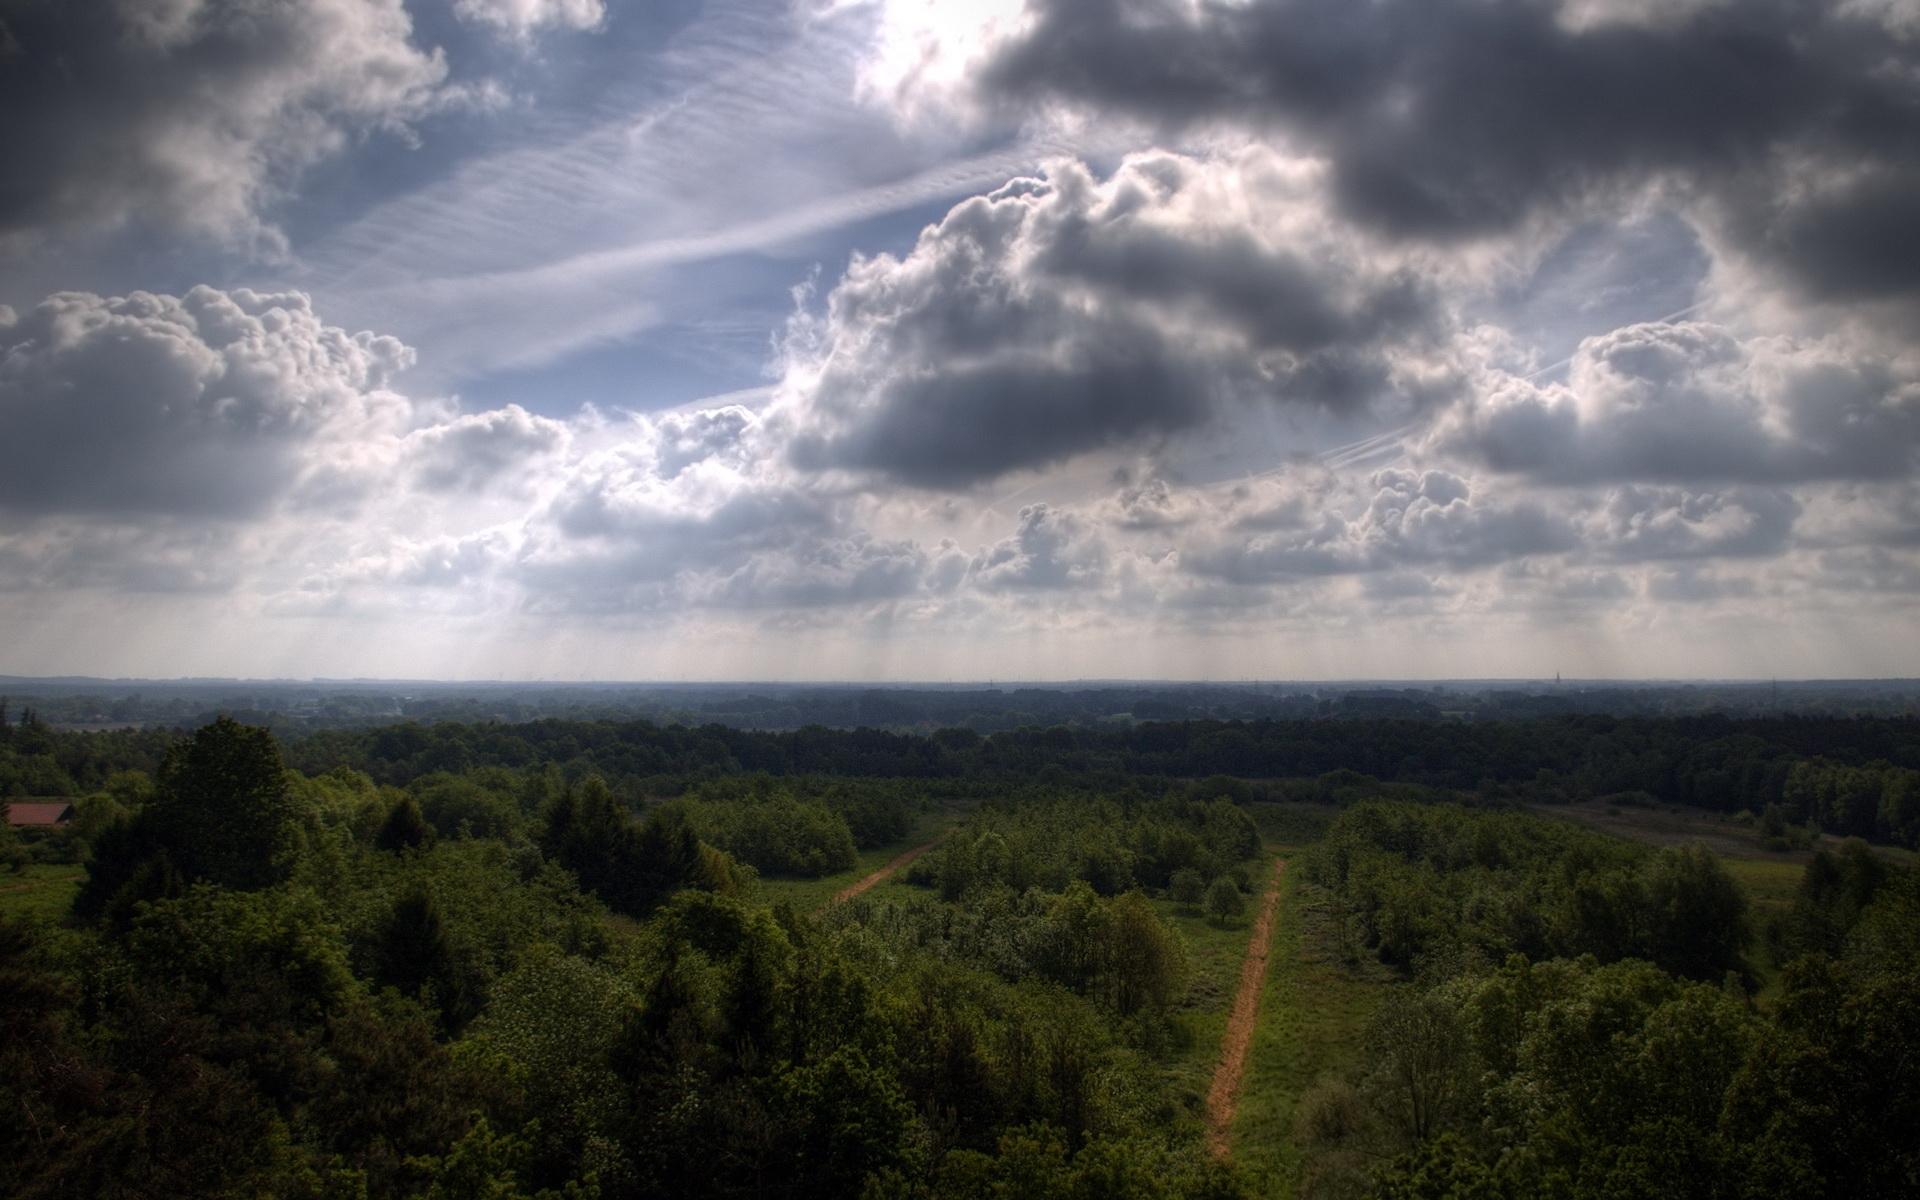 Скачать картинку Фон, Небо, Облака в телефон бесплатно.